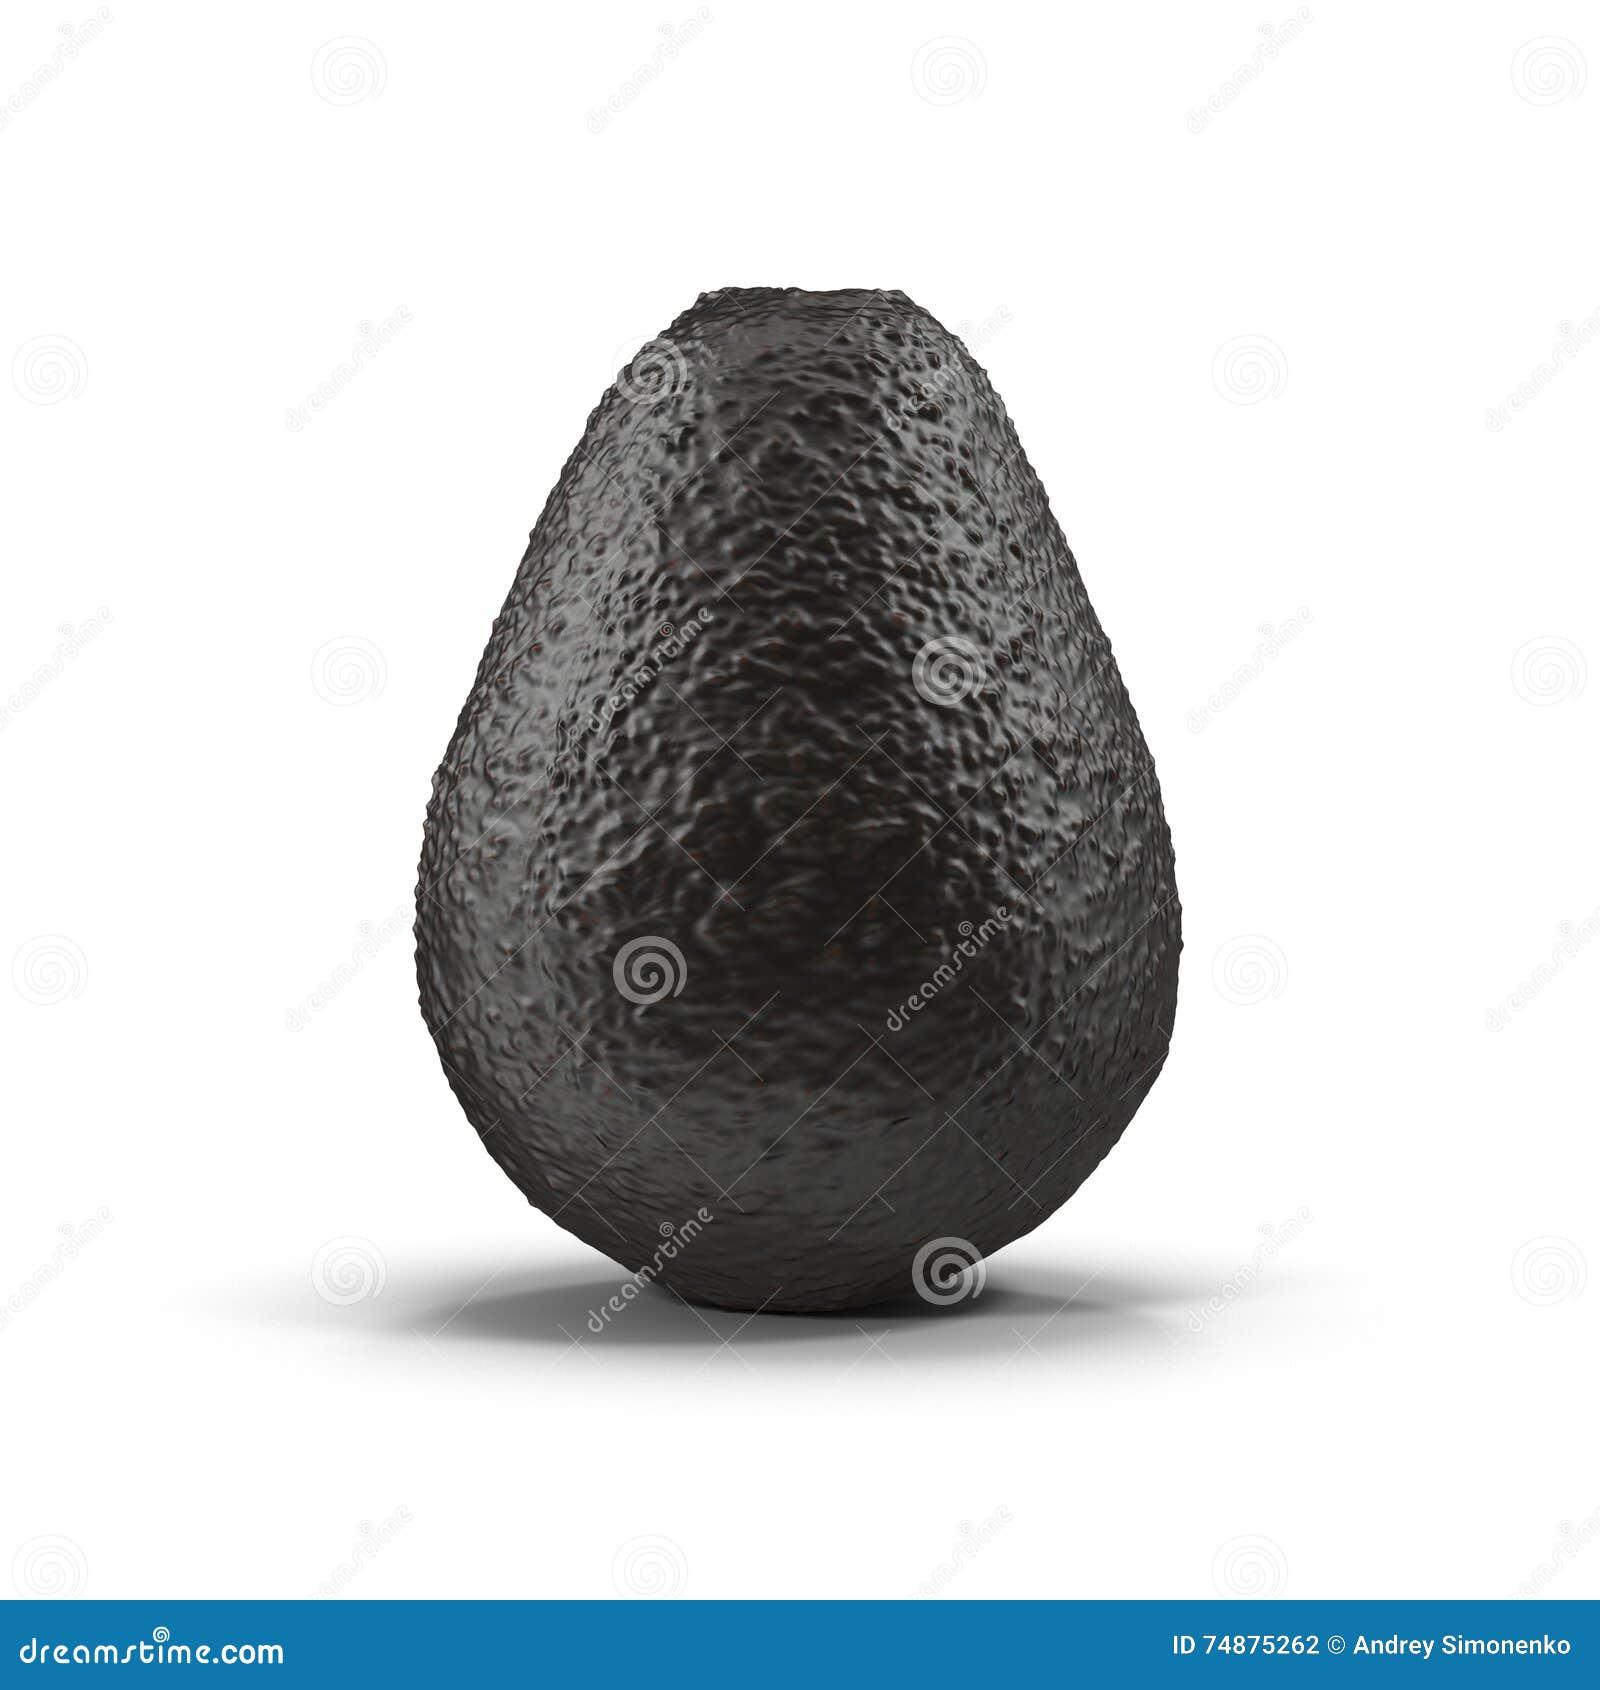 ώριμο μαύρο καλύτερο καβλί κορόιδο σε πορνό